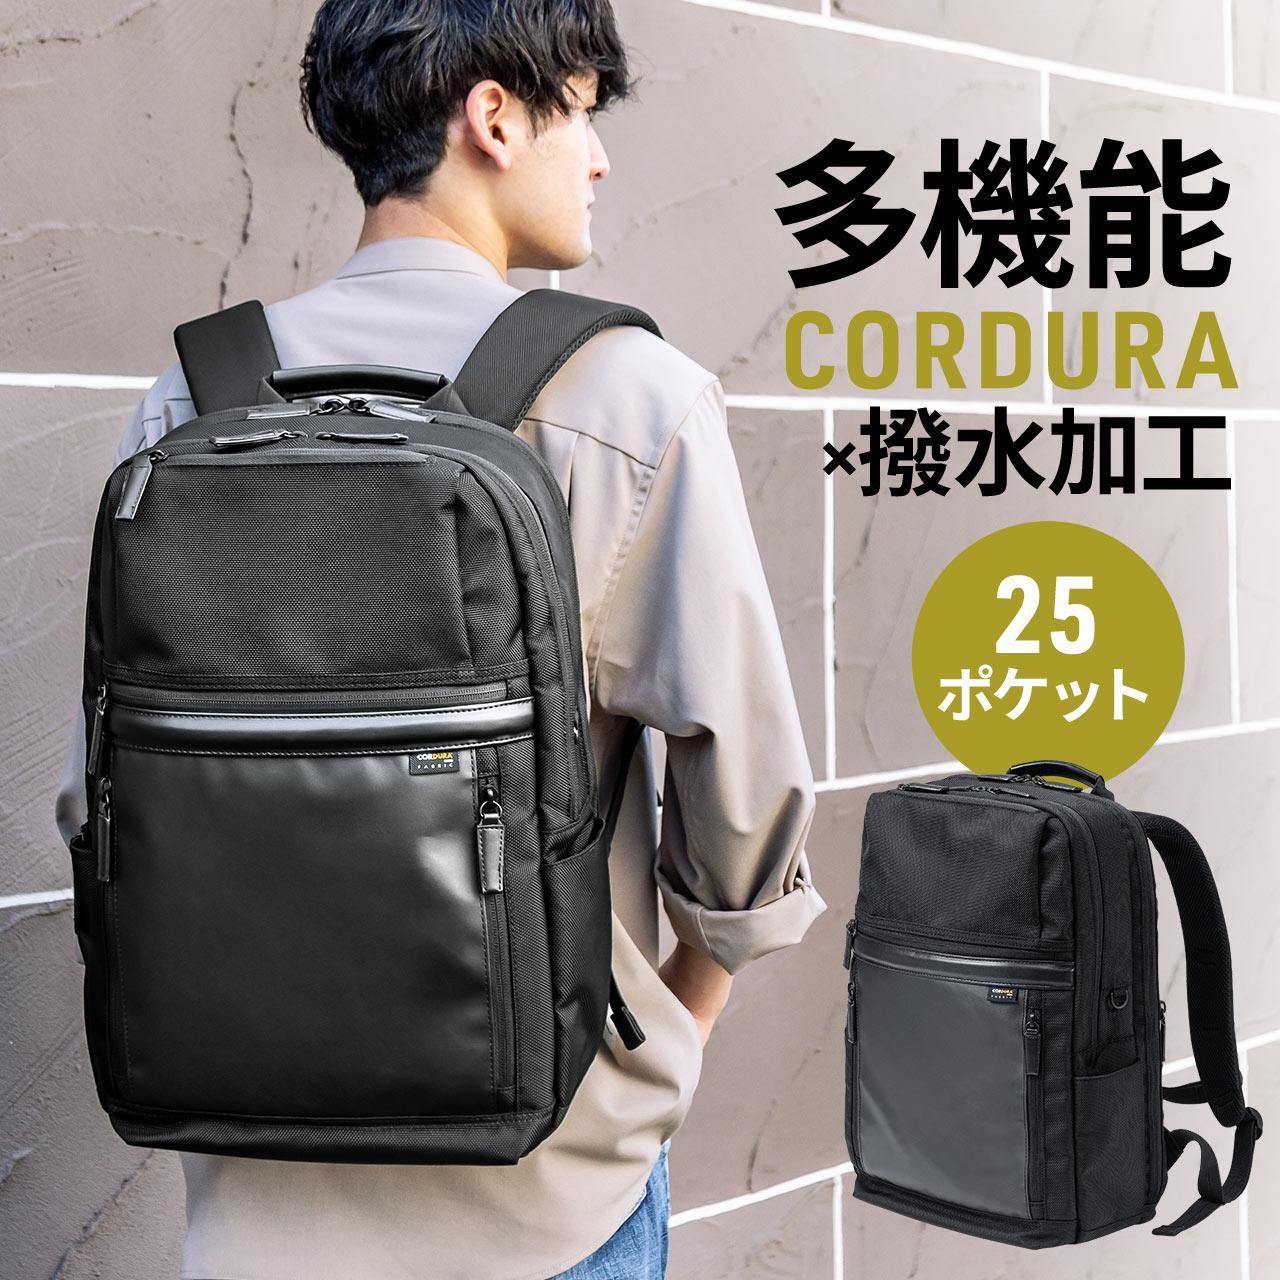 ビジネスリュック メンズ 大容量 高強度コーデュラ生地 A4 15.6型PC 多ポケット テフロン加工 撥水